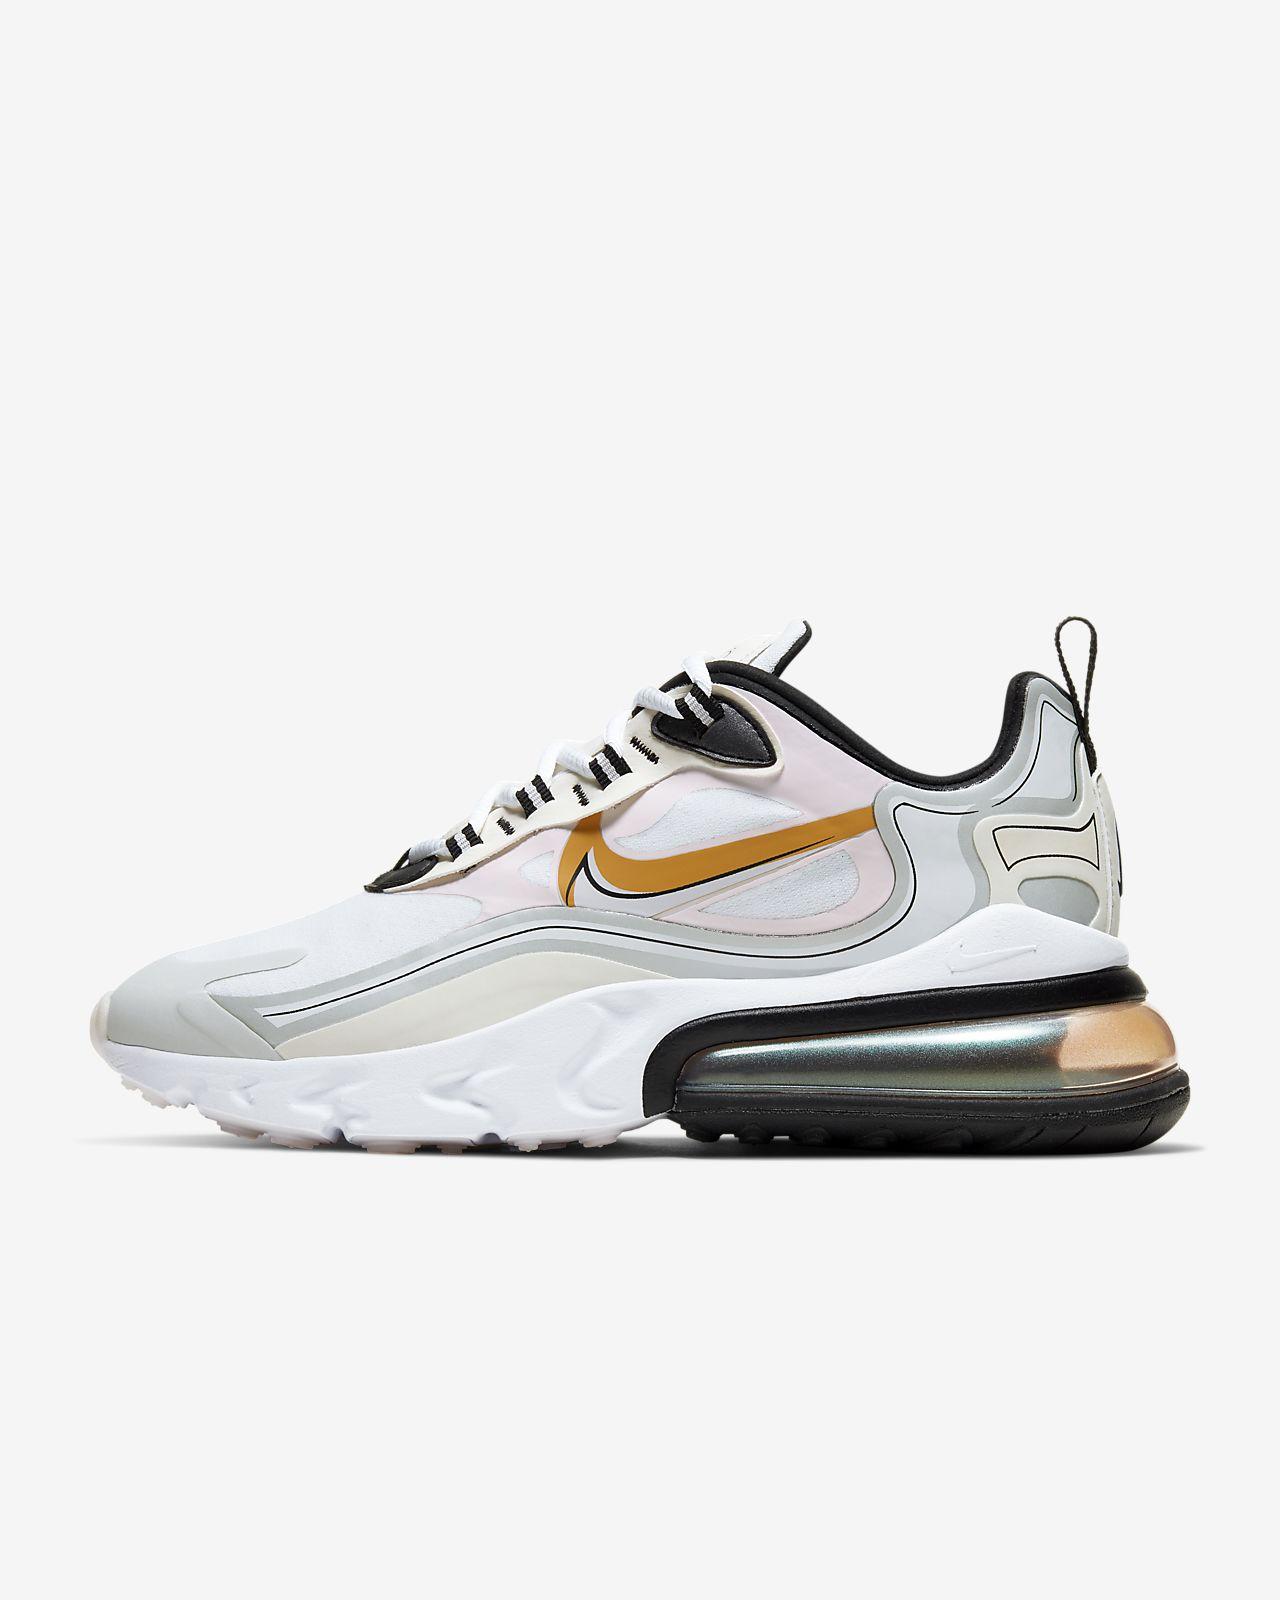 รองเท้าผู้หญิง Nike Air Max 270 React LX